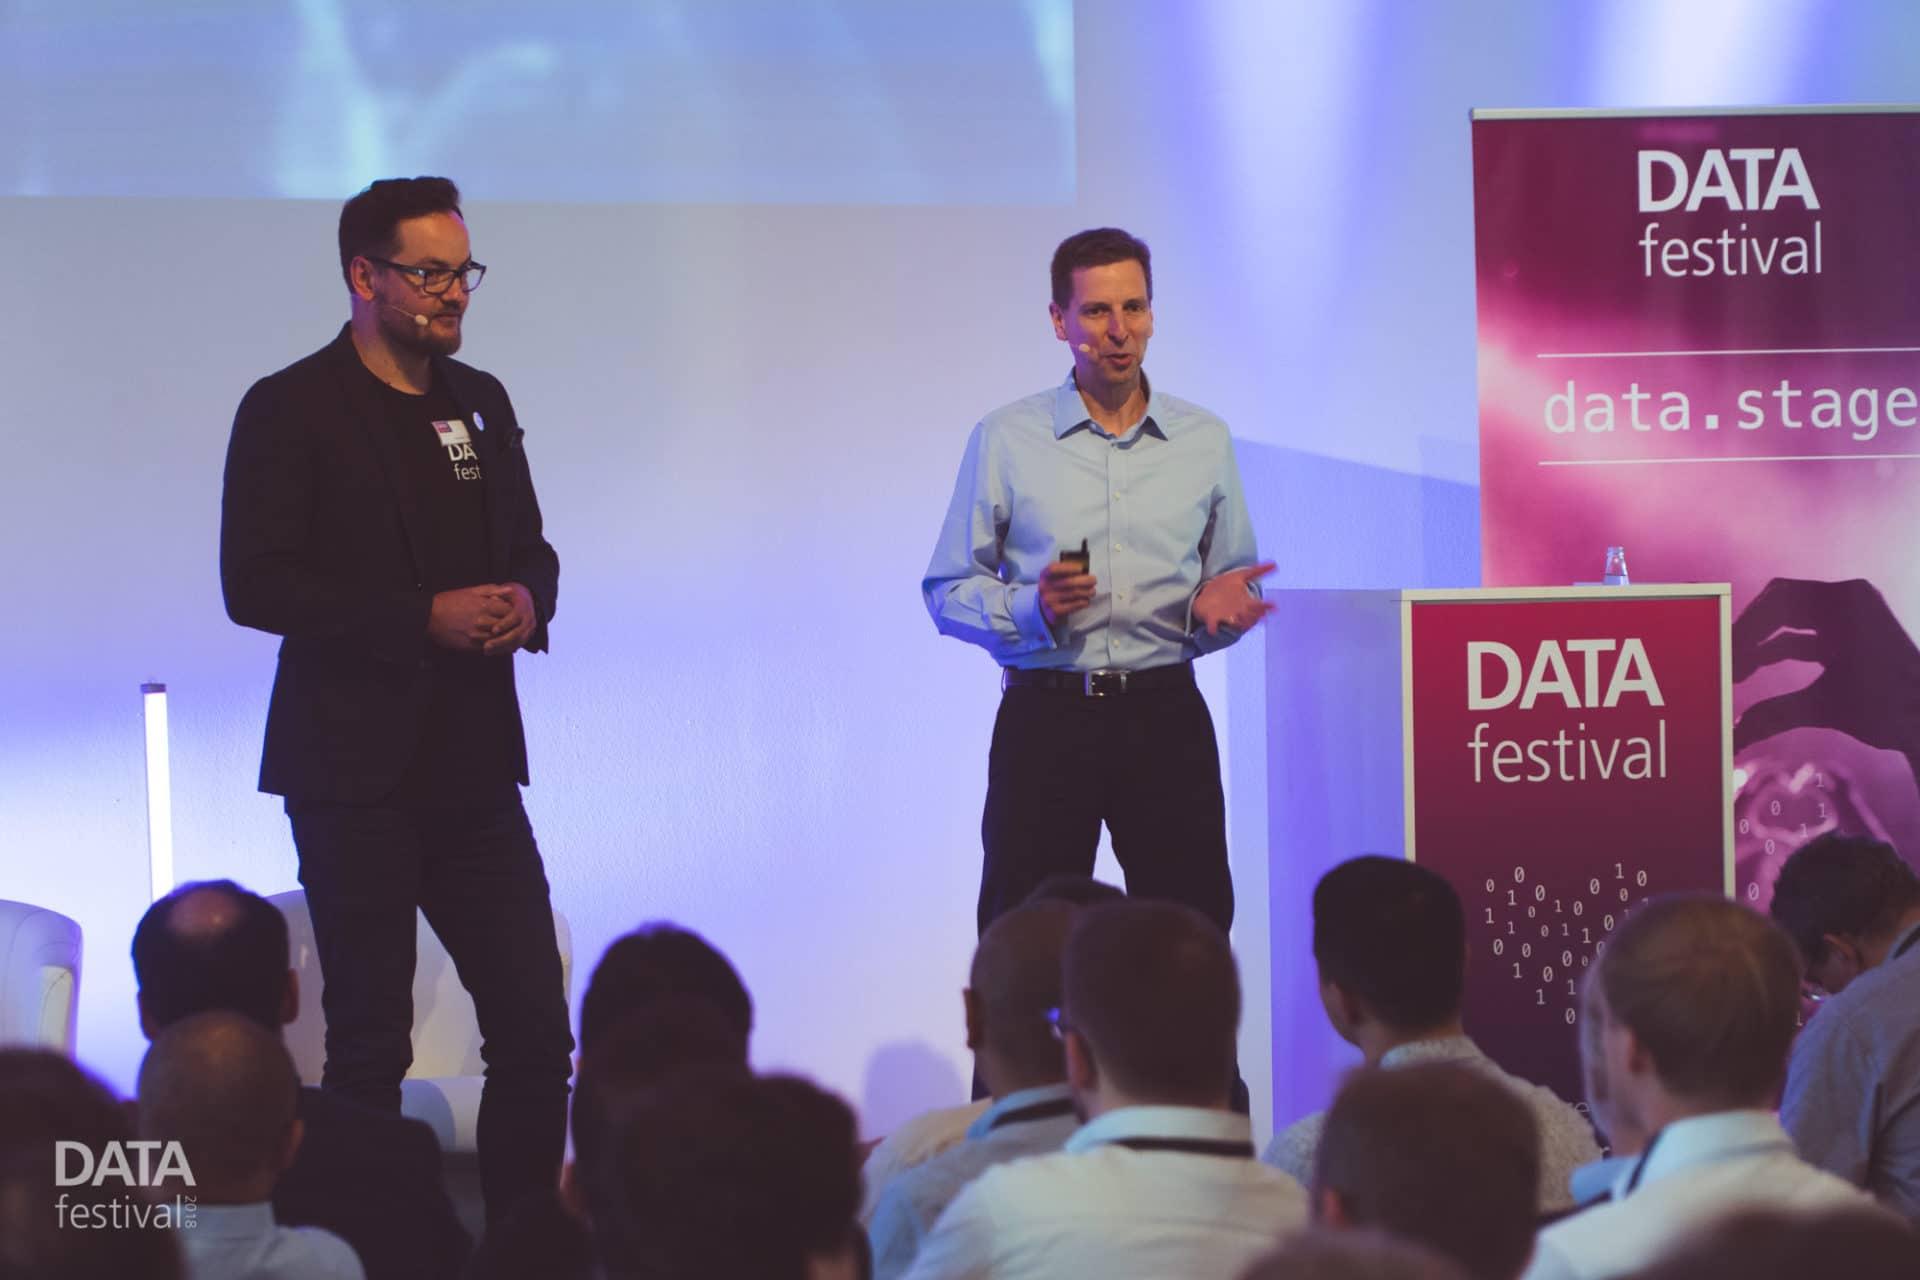 Data Festival 2019 Speaker gesucht